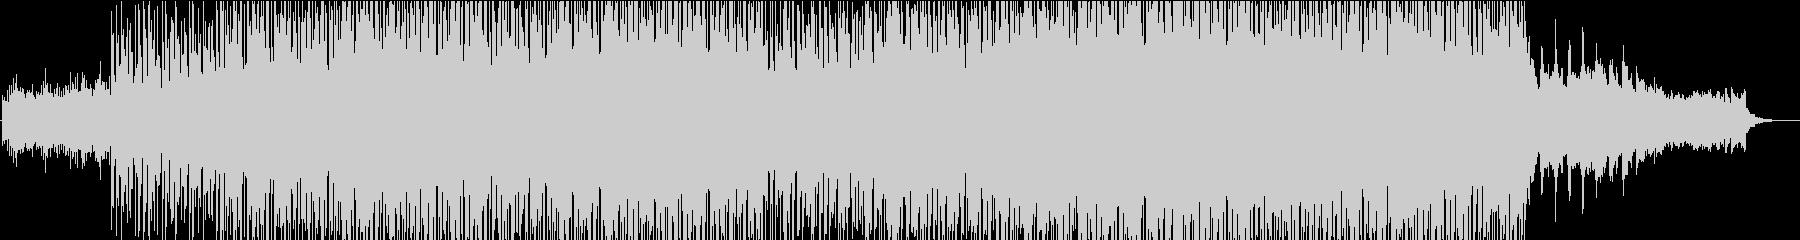 滑らかで幻想的なリラックス音楽の未再生の波形